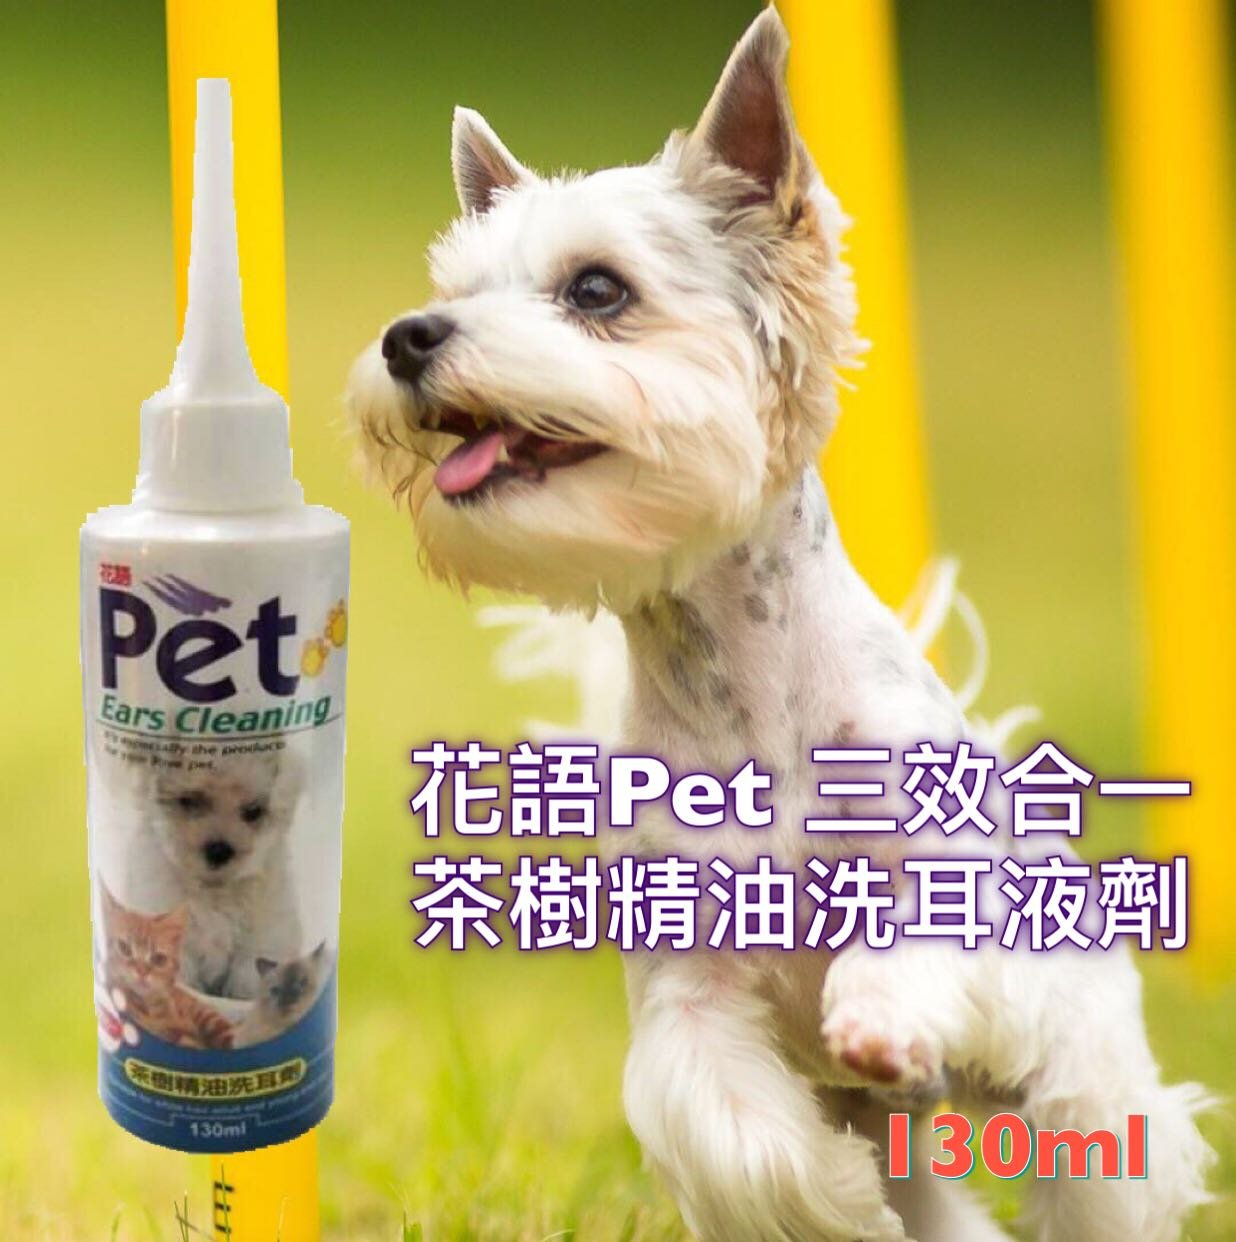 花語Pet 茶樹精油洗耳劑 洗耳液 130ml